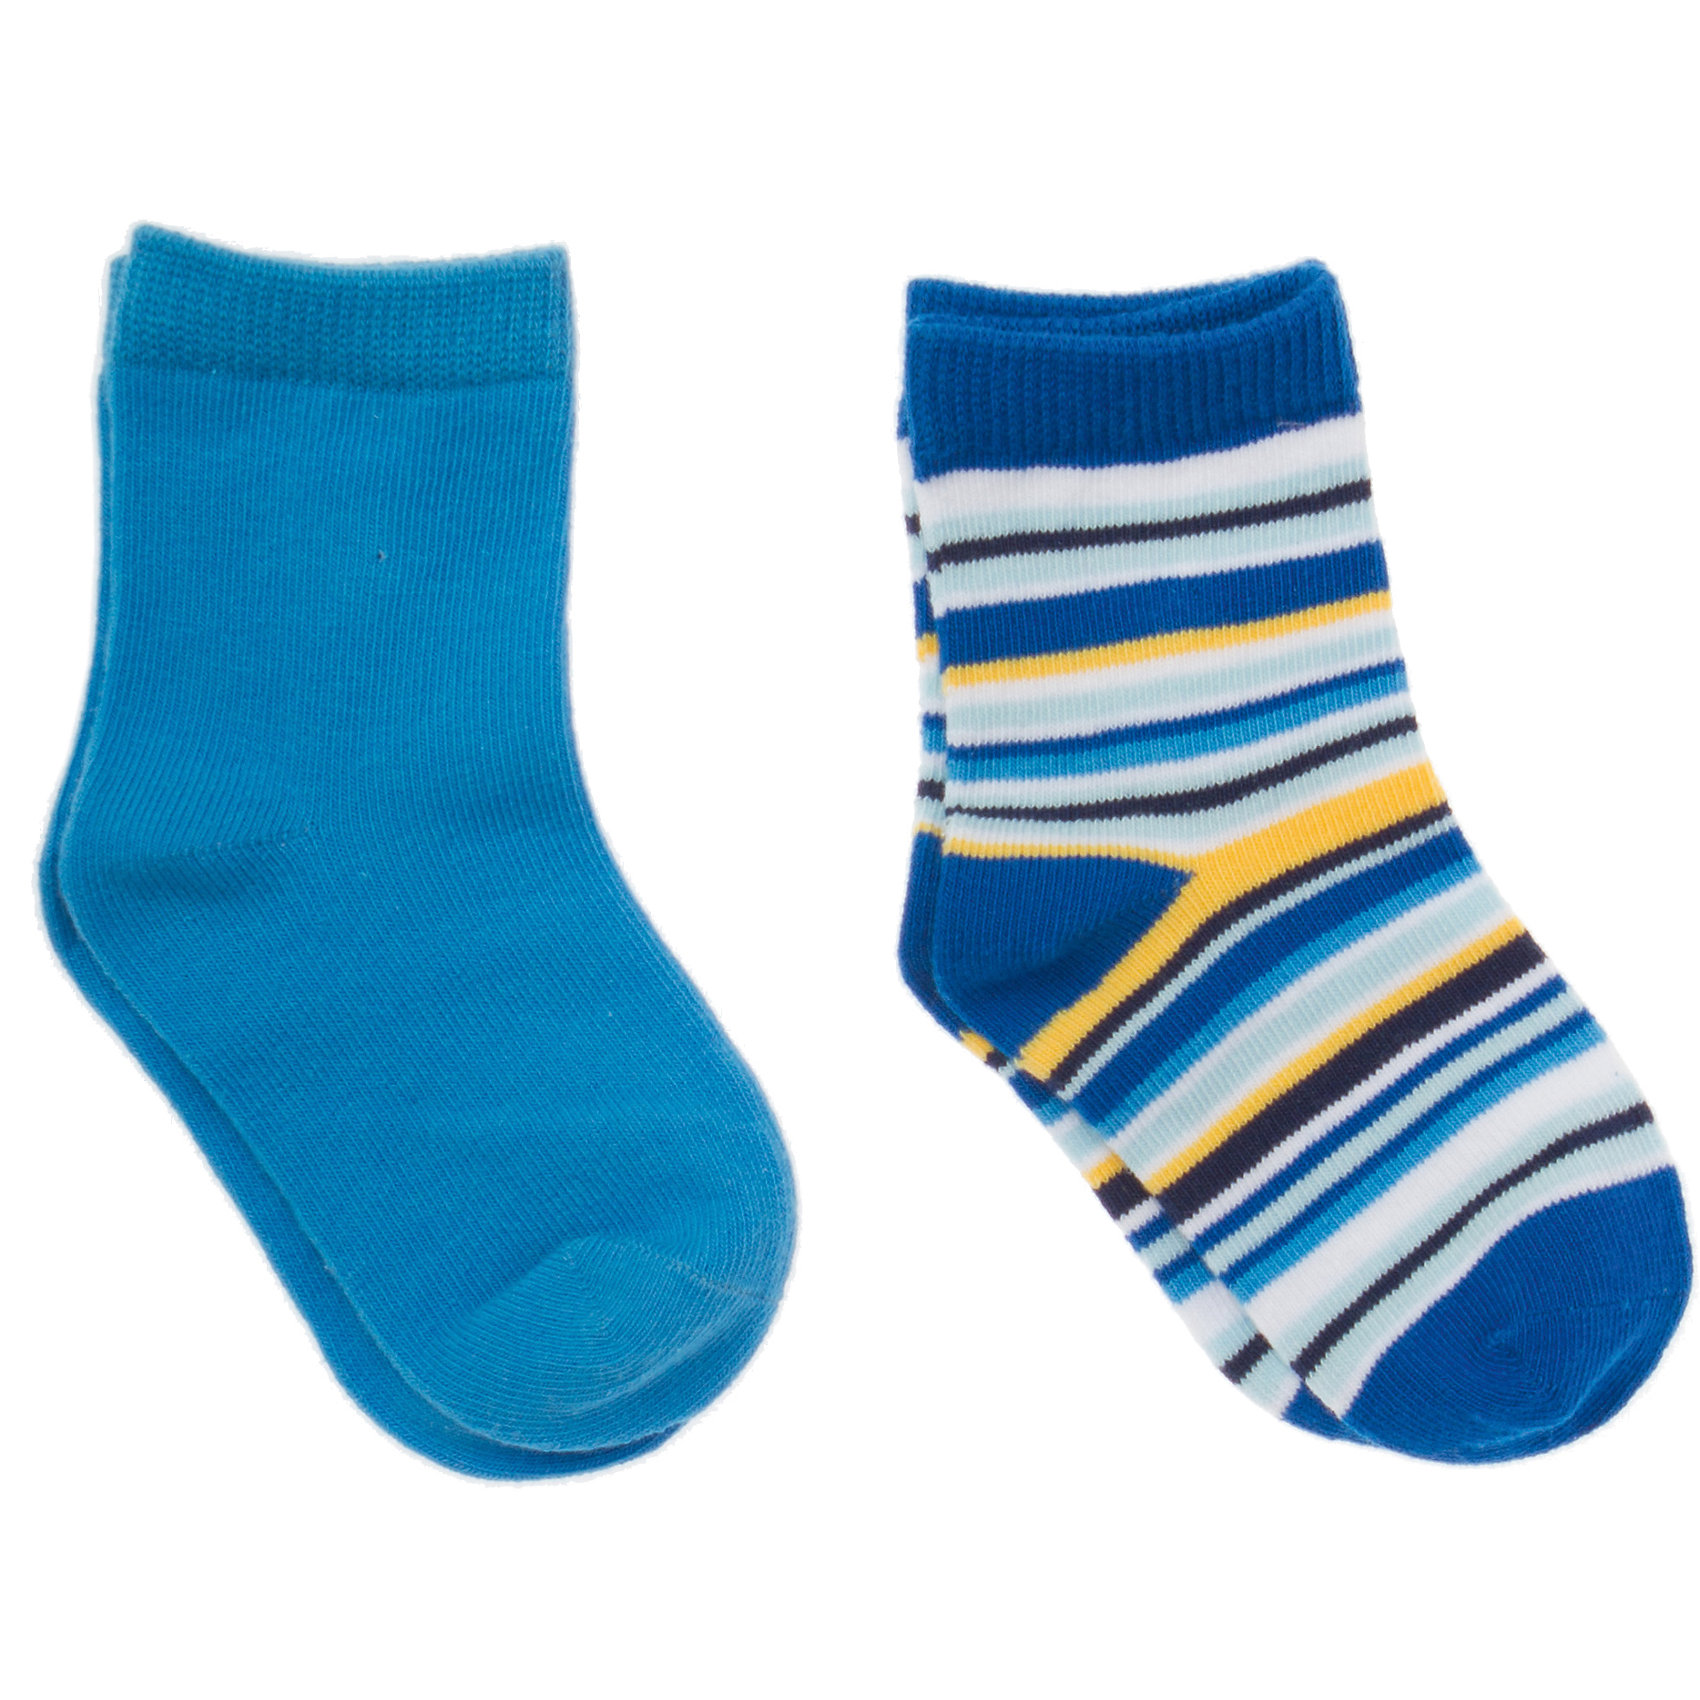 Носки (2 шт.) для мальчика PlayTodayНоски<br>Носки для мальчика PlayToday <br><br>Состав: 75% хлопок, 22% нейлон, 3% эластан <br><br>Комплект из двух пар трикотажных носочков для малыша. <br>Верх на мягкой эластичной резинке.<br><br>Ширина мм: 87<br>Глубина мм: 10<br>Высота мм: 105<br>Вес г: 115<br>Цвет: синий<br>Возраст от месяцев: 15<br>Возраст до месяцев: 24<br>Пол: Мужской<br>Возраст: Детский<br>Размер: 12,11<br>SKU: 4502879